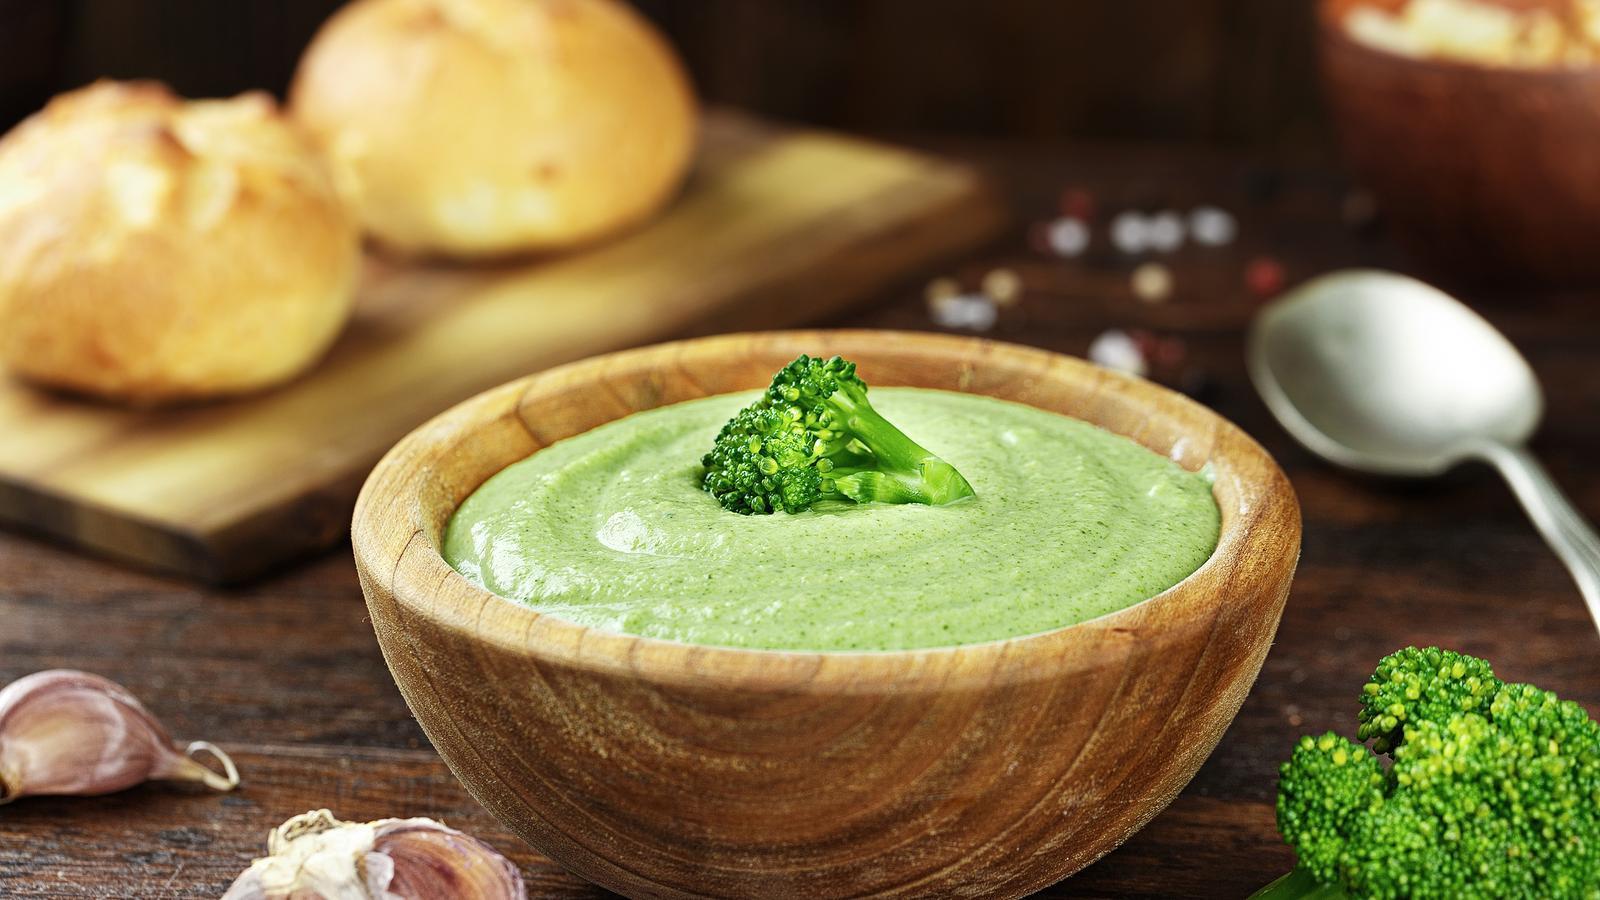 També es pot preparar en forma de puré o crema